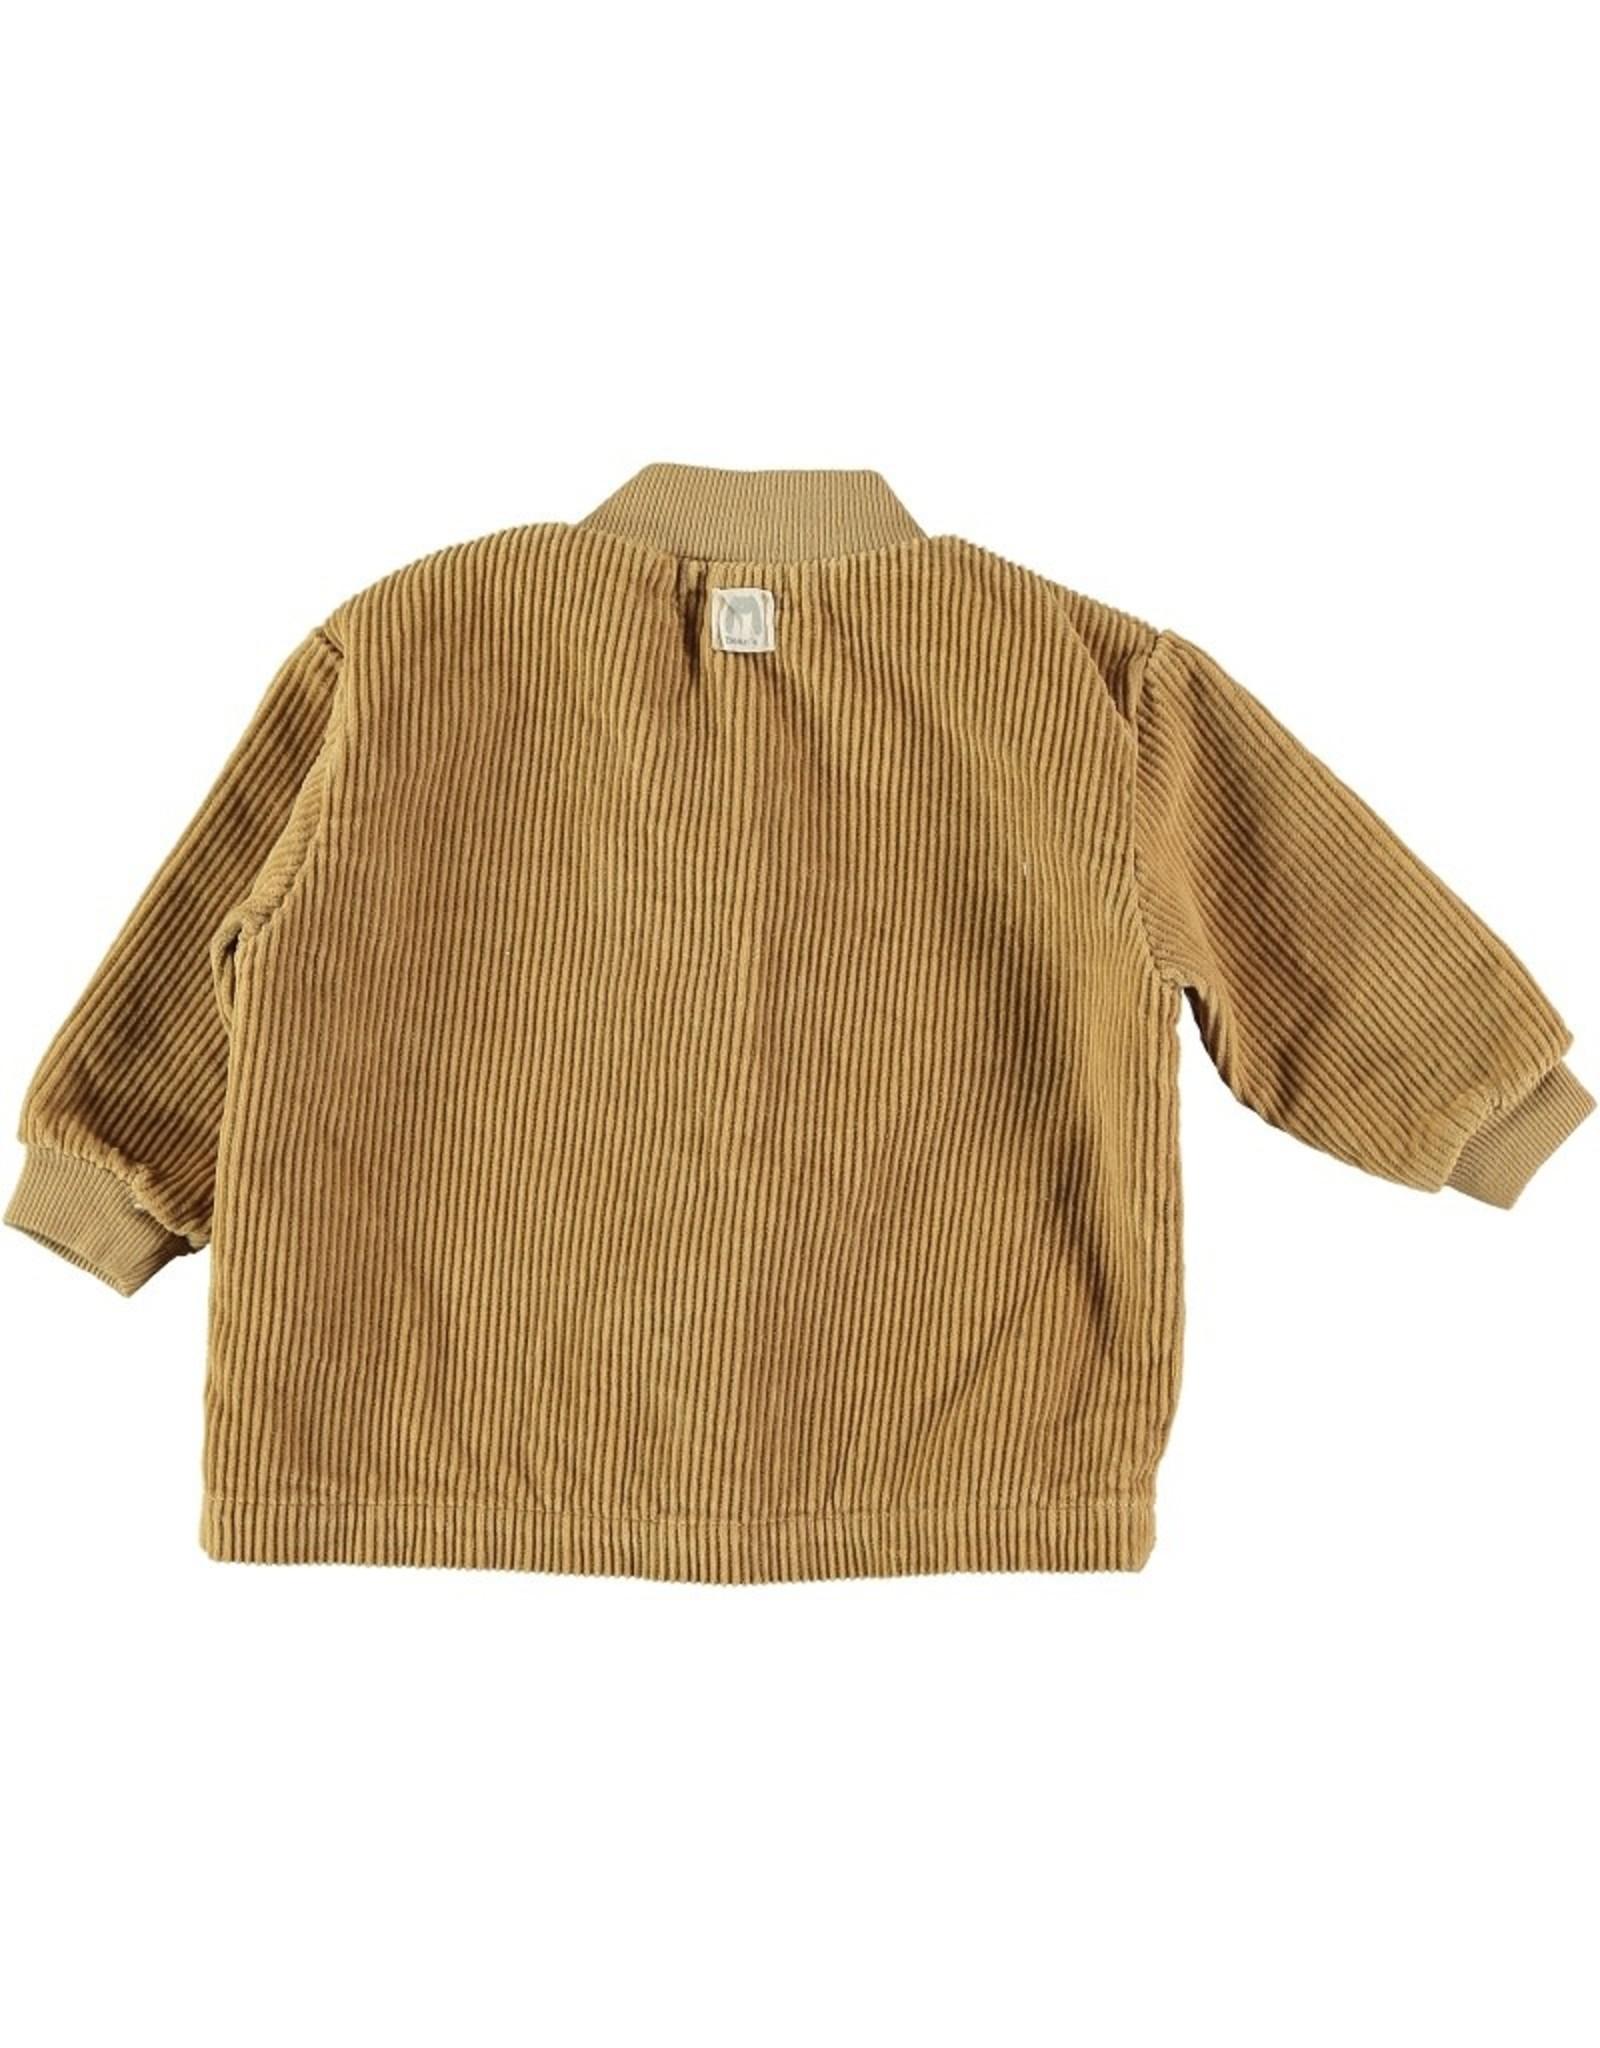 Bean's PEP - veste en velours côtelé - moutarde